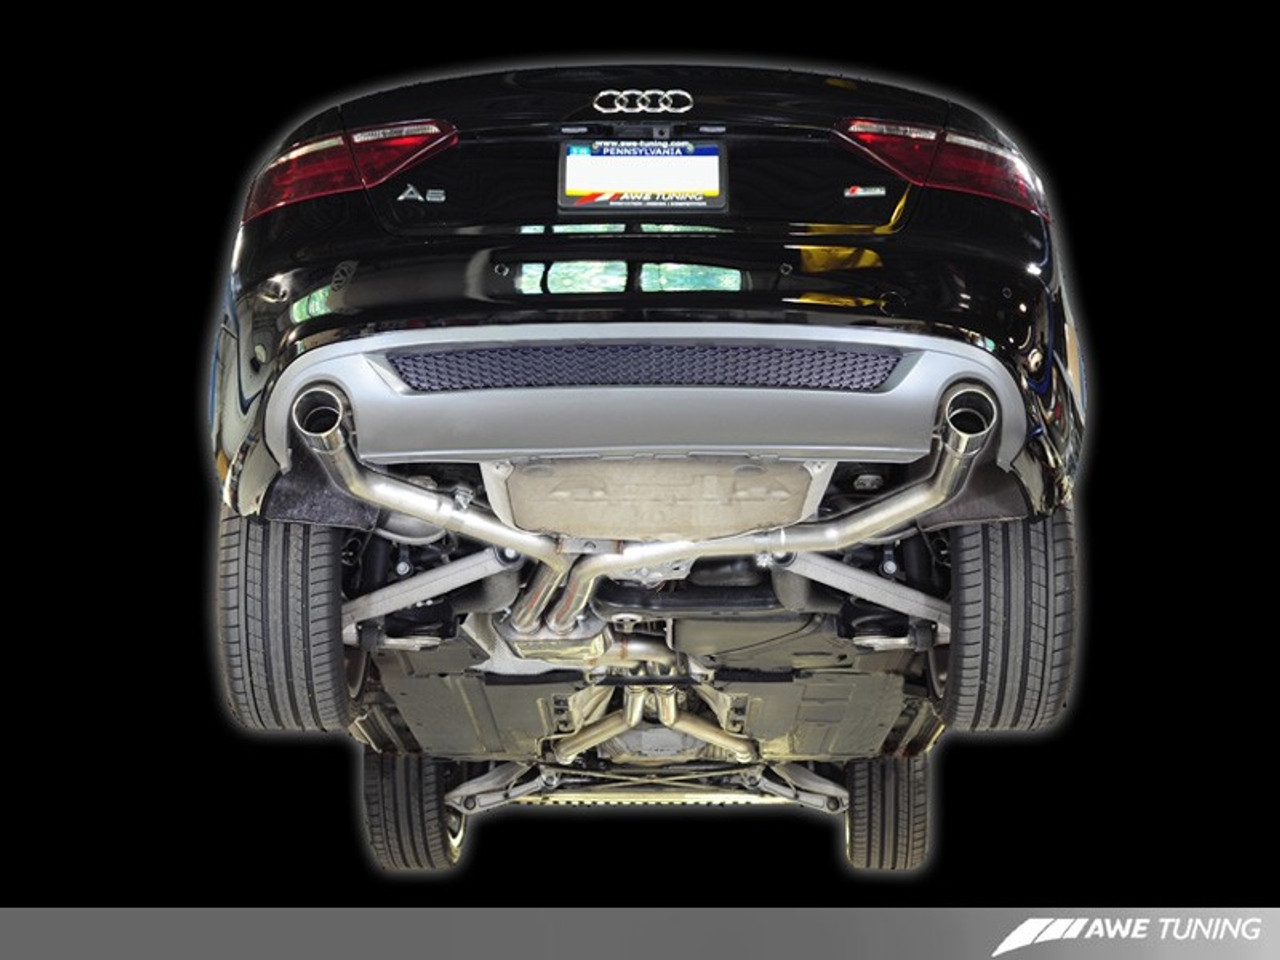 Kelebihan Kekurangan Audi A5 3.2 Fsi Tangguh